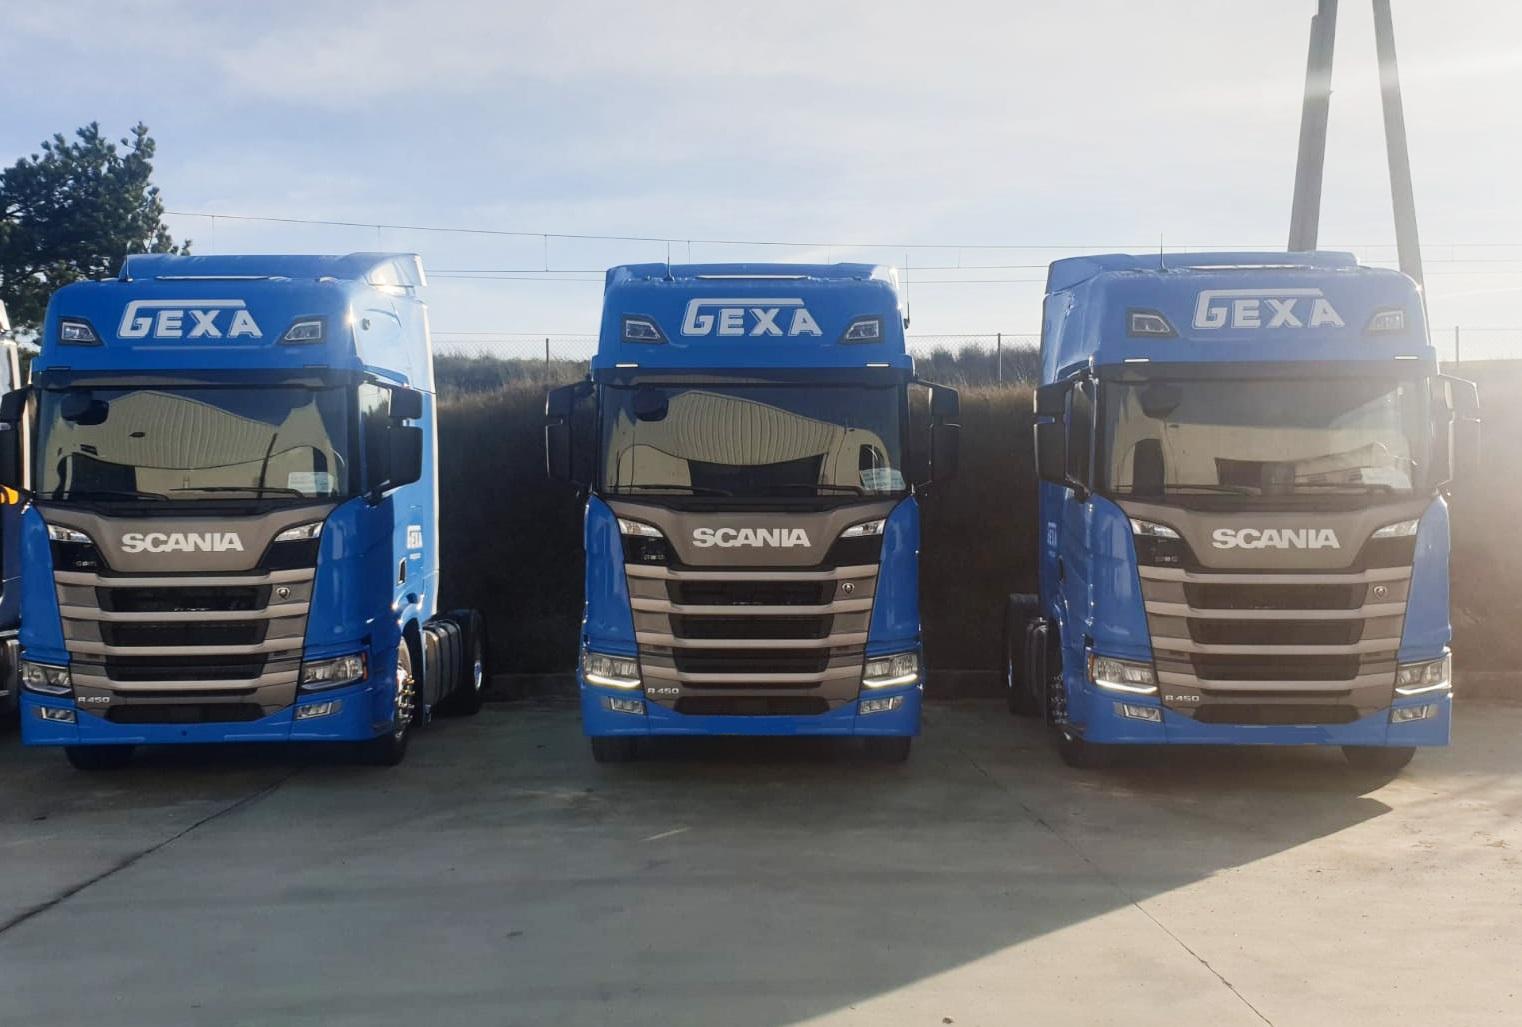 Camiones Gexa